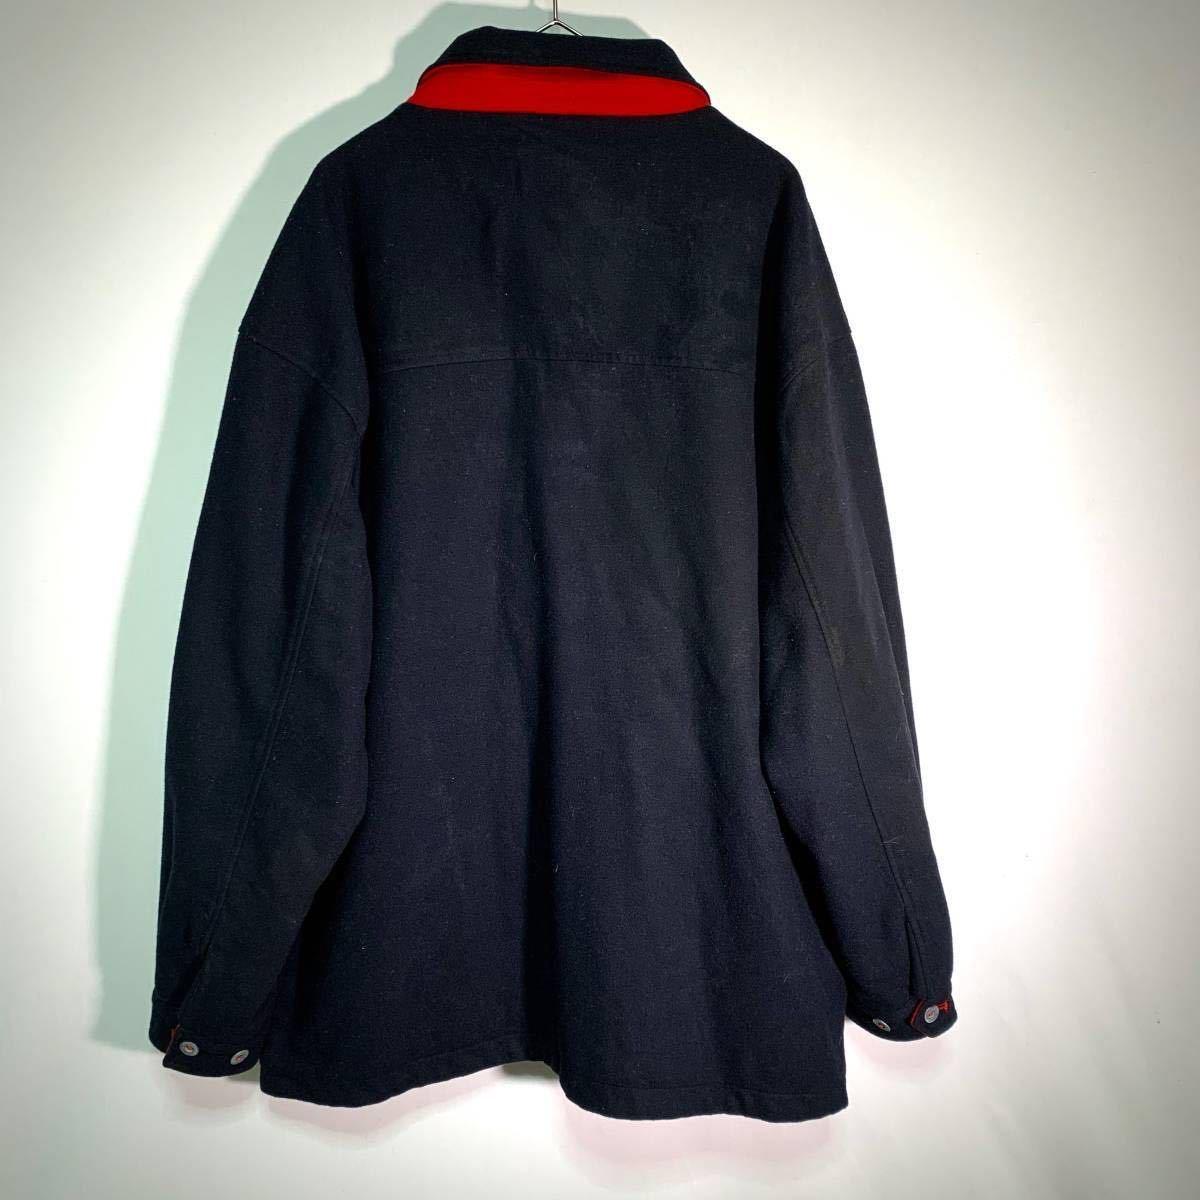 【送料込】90s Marlboro リバーシブル ウール ジャケット XL 黒×赤 ビッグシルエット ジップ マルボロ 80s ビンテージ 古着 オールド_画像4